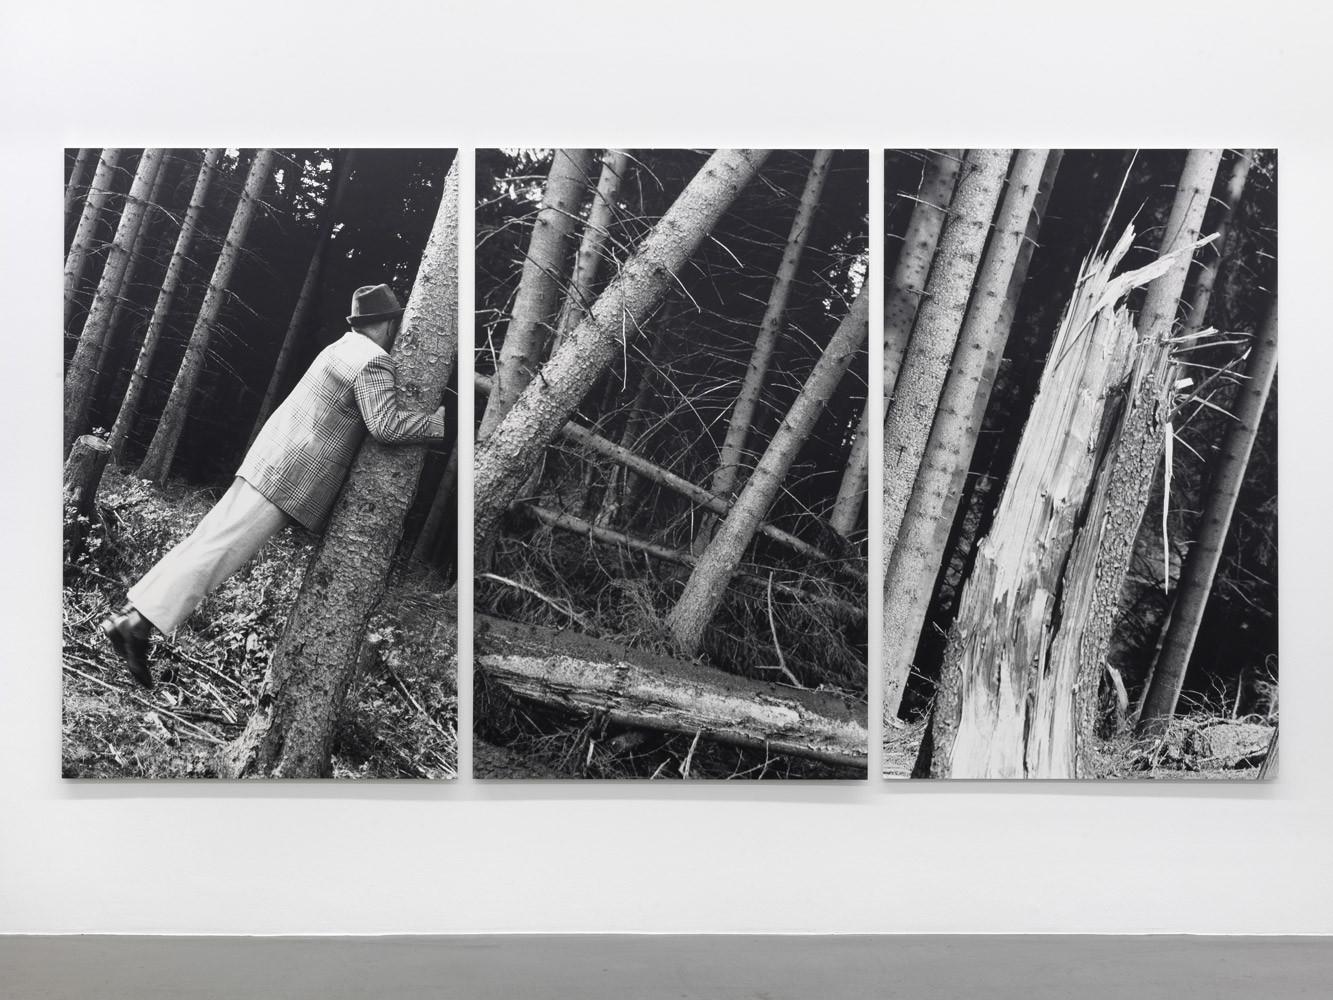 Anna & Bernhard Blume, 'Kontakt mit Bäumen', 1987